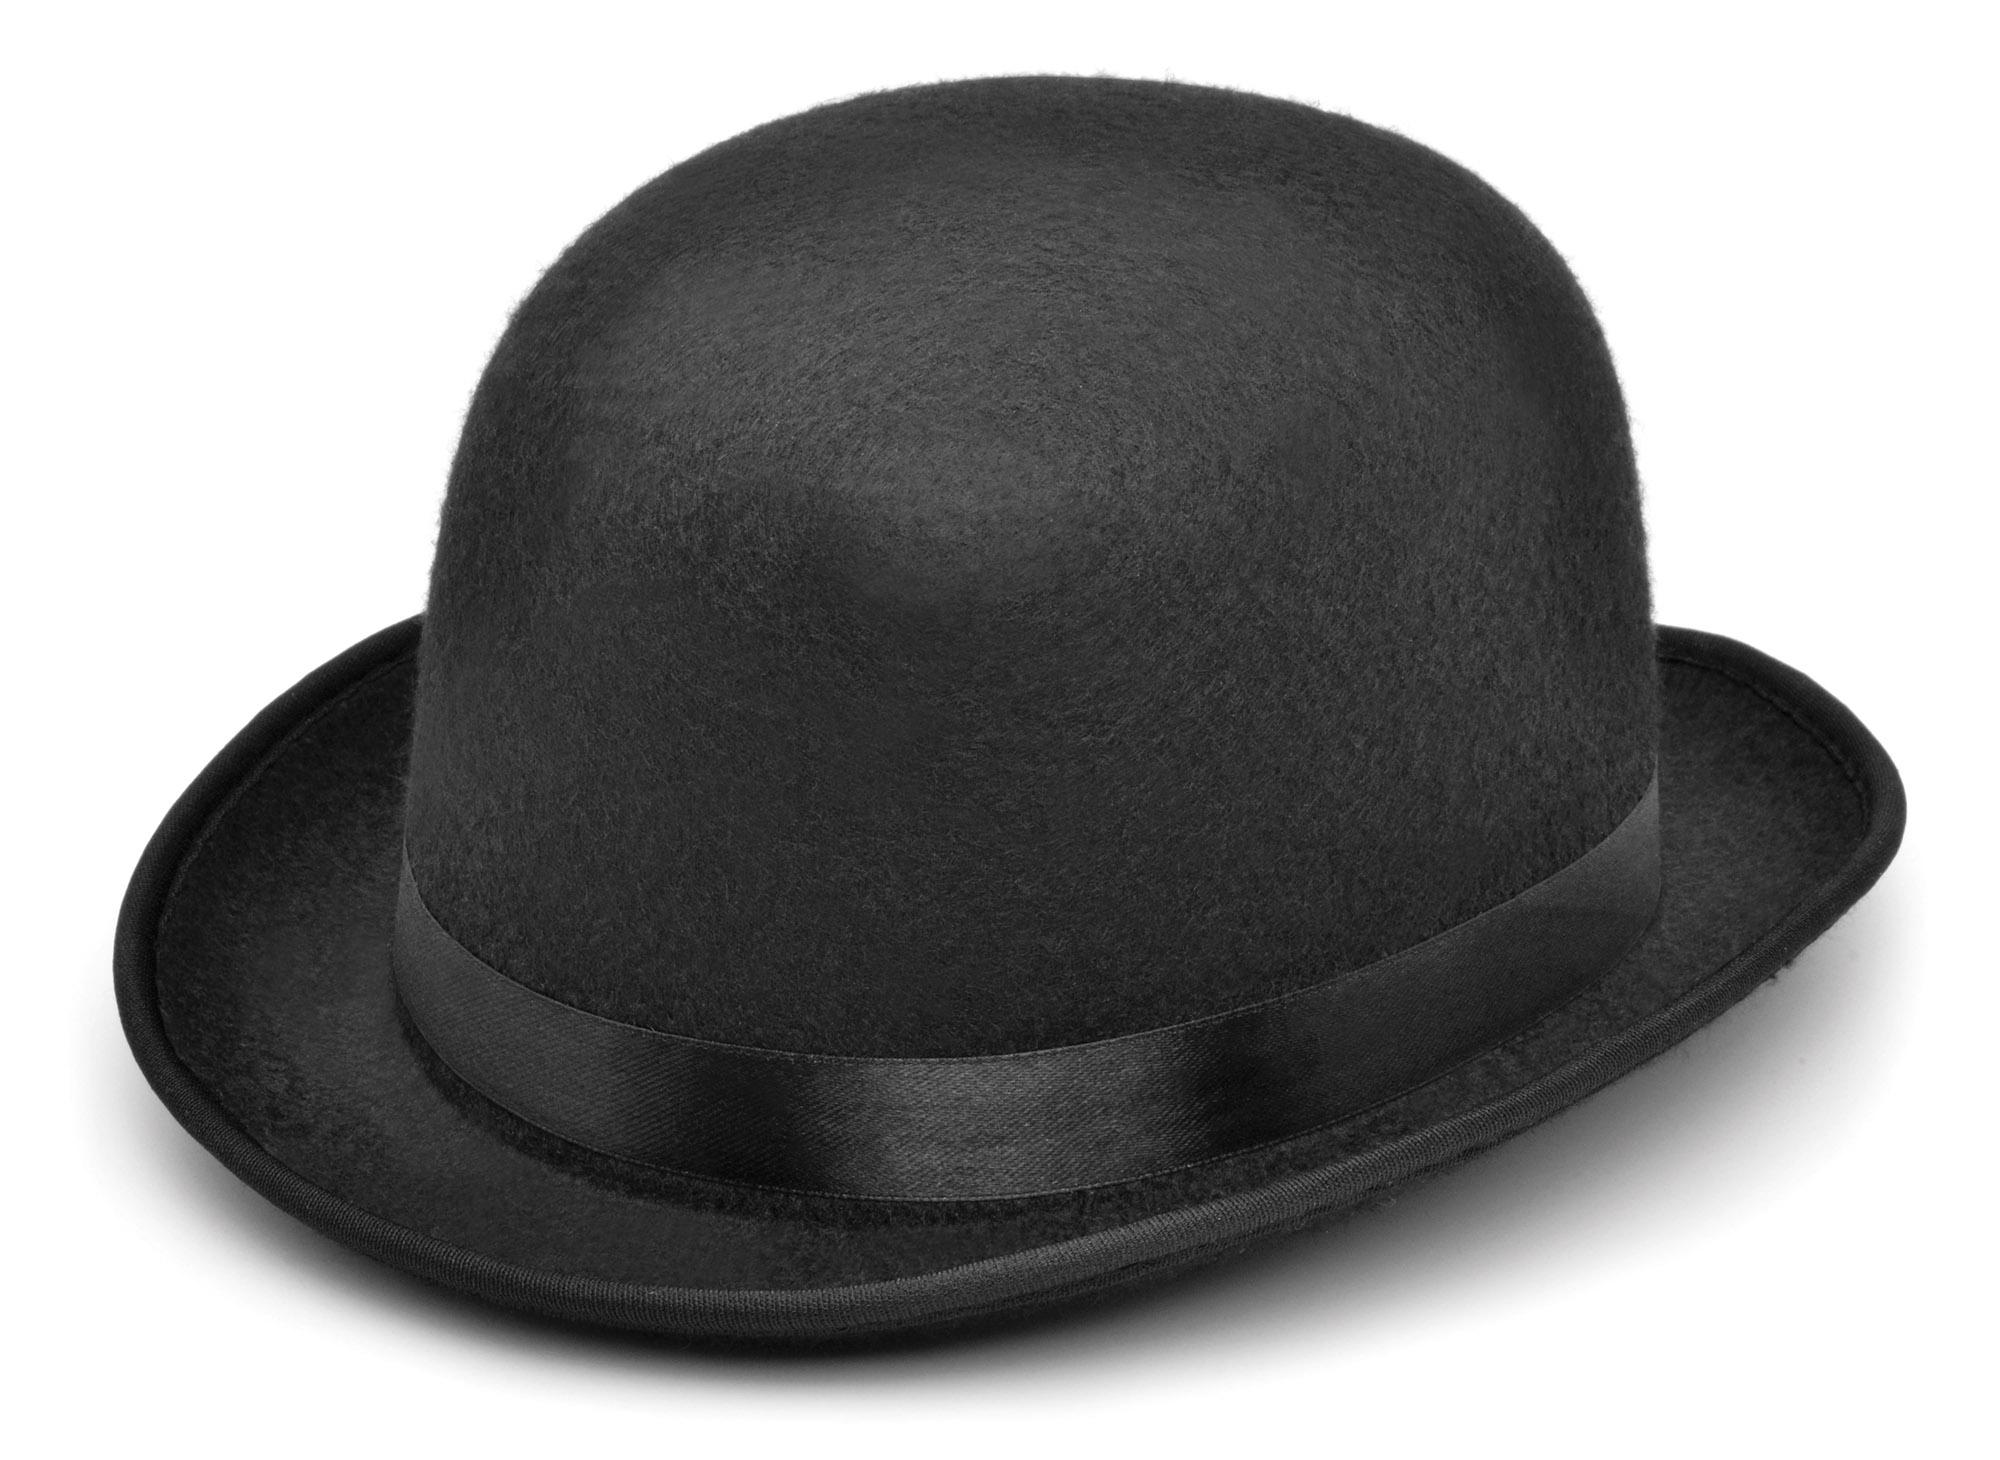 Details about Small Black Felt Bowler Hat 42e8d3f1534